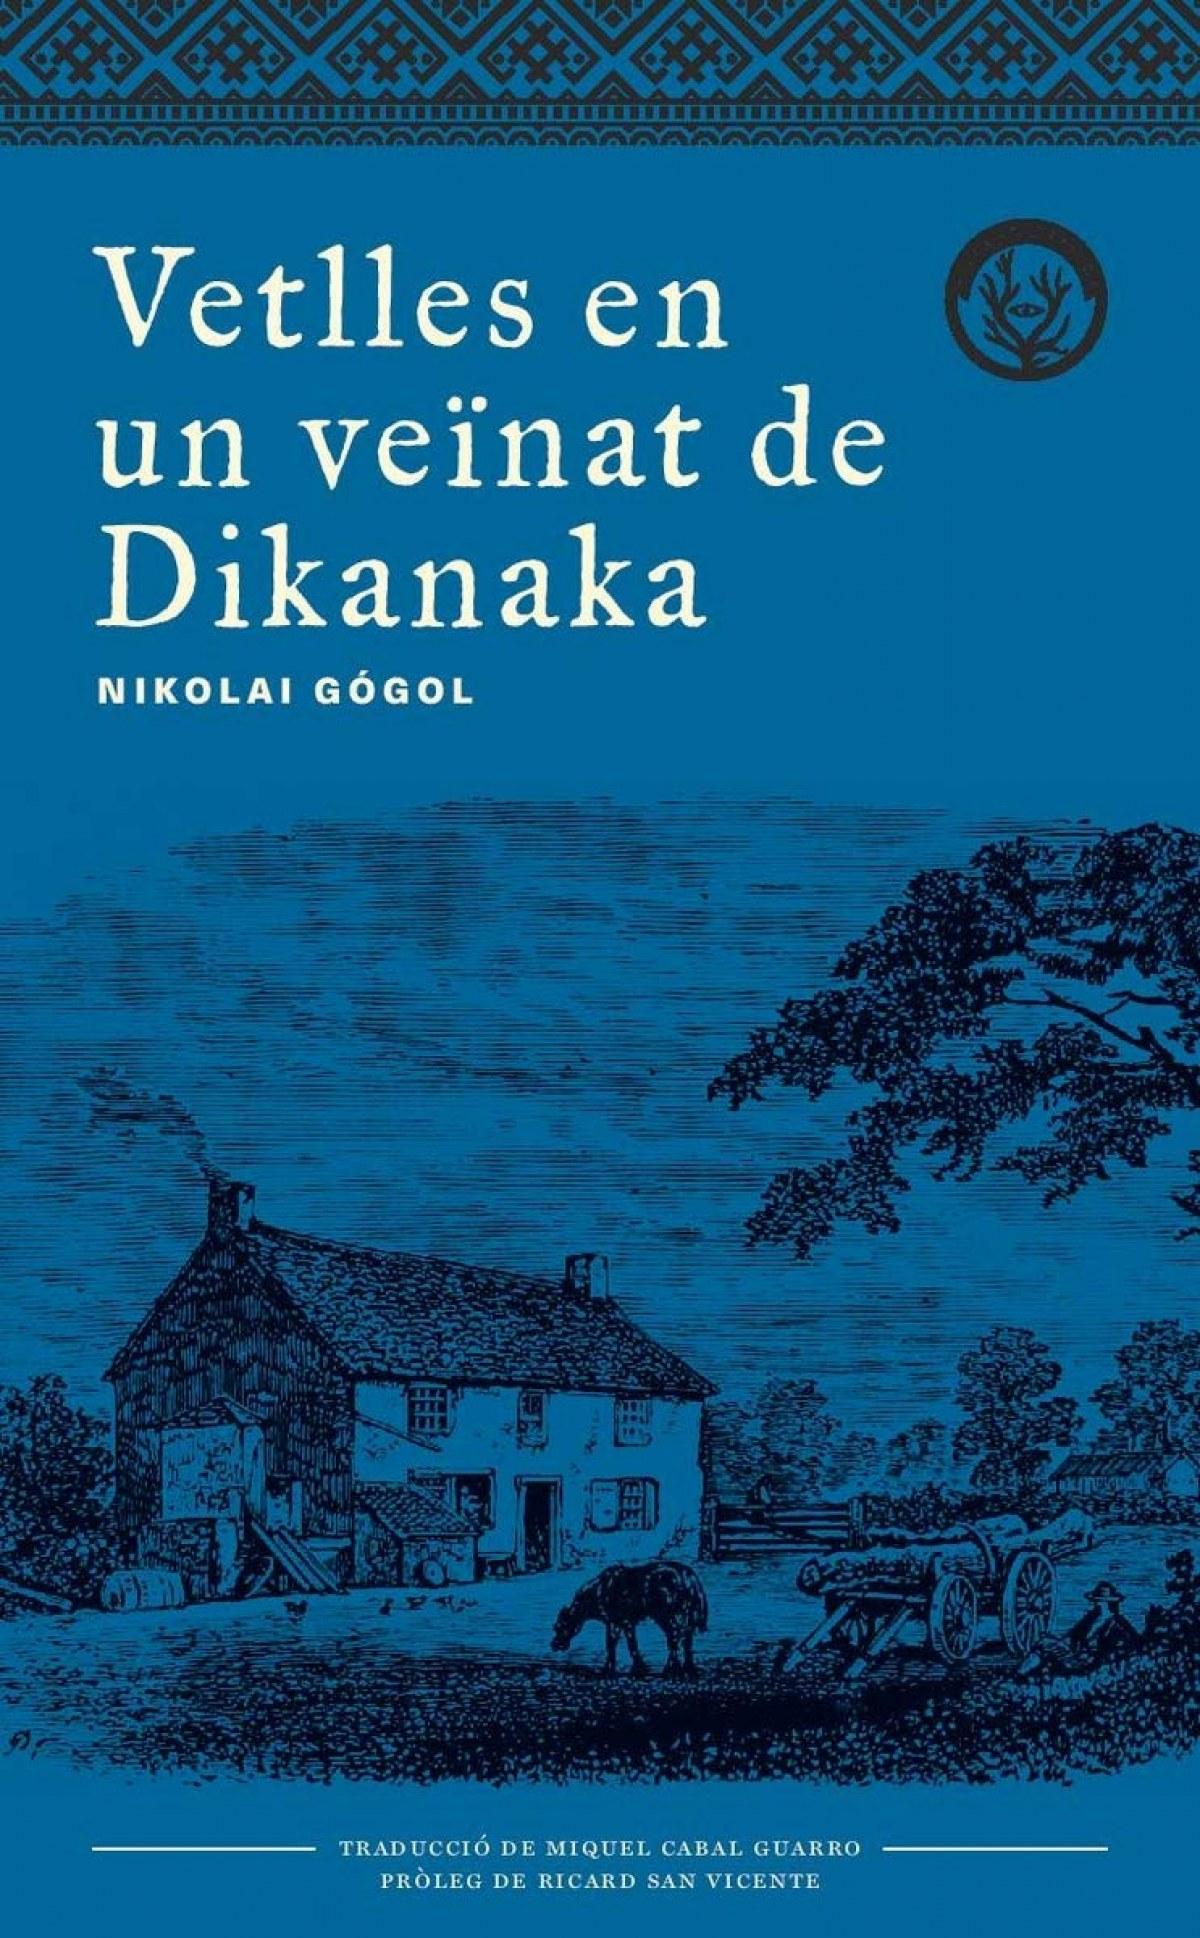 Vetlles en veinat de Dikanka 9788494917042